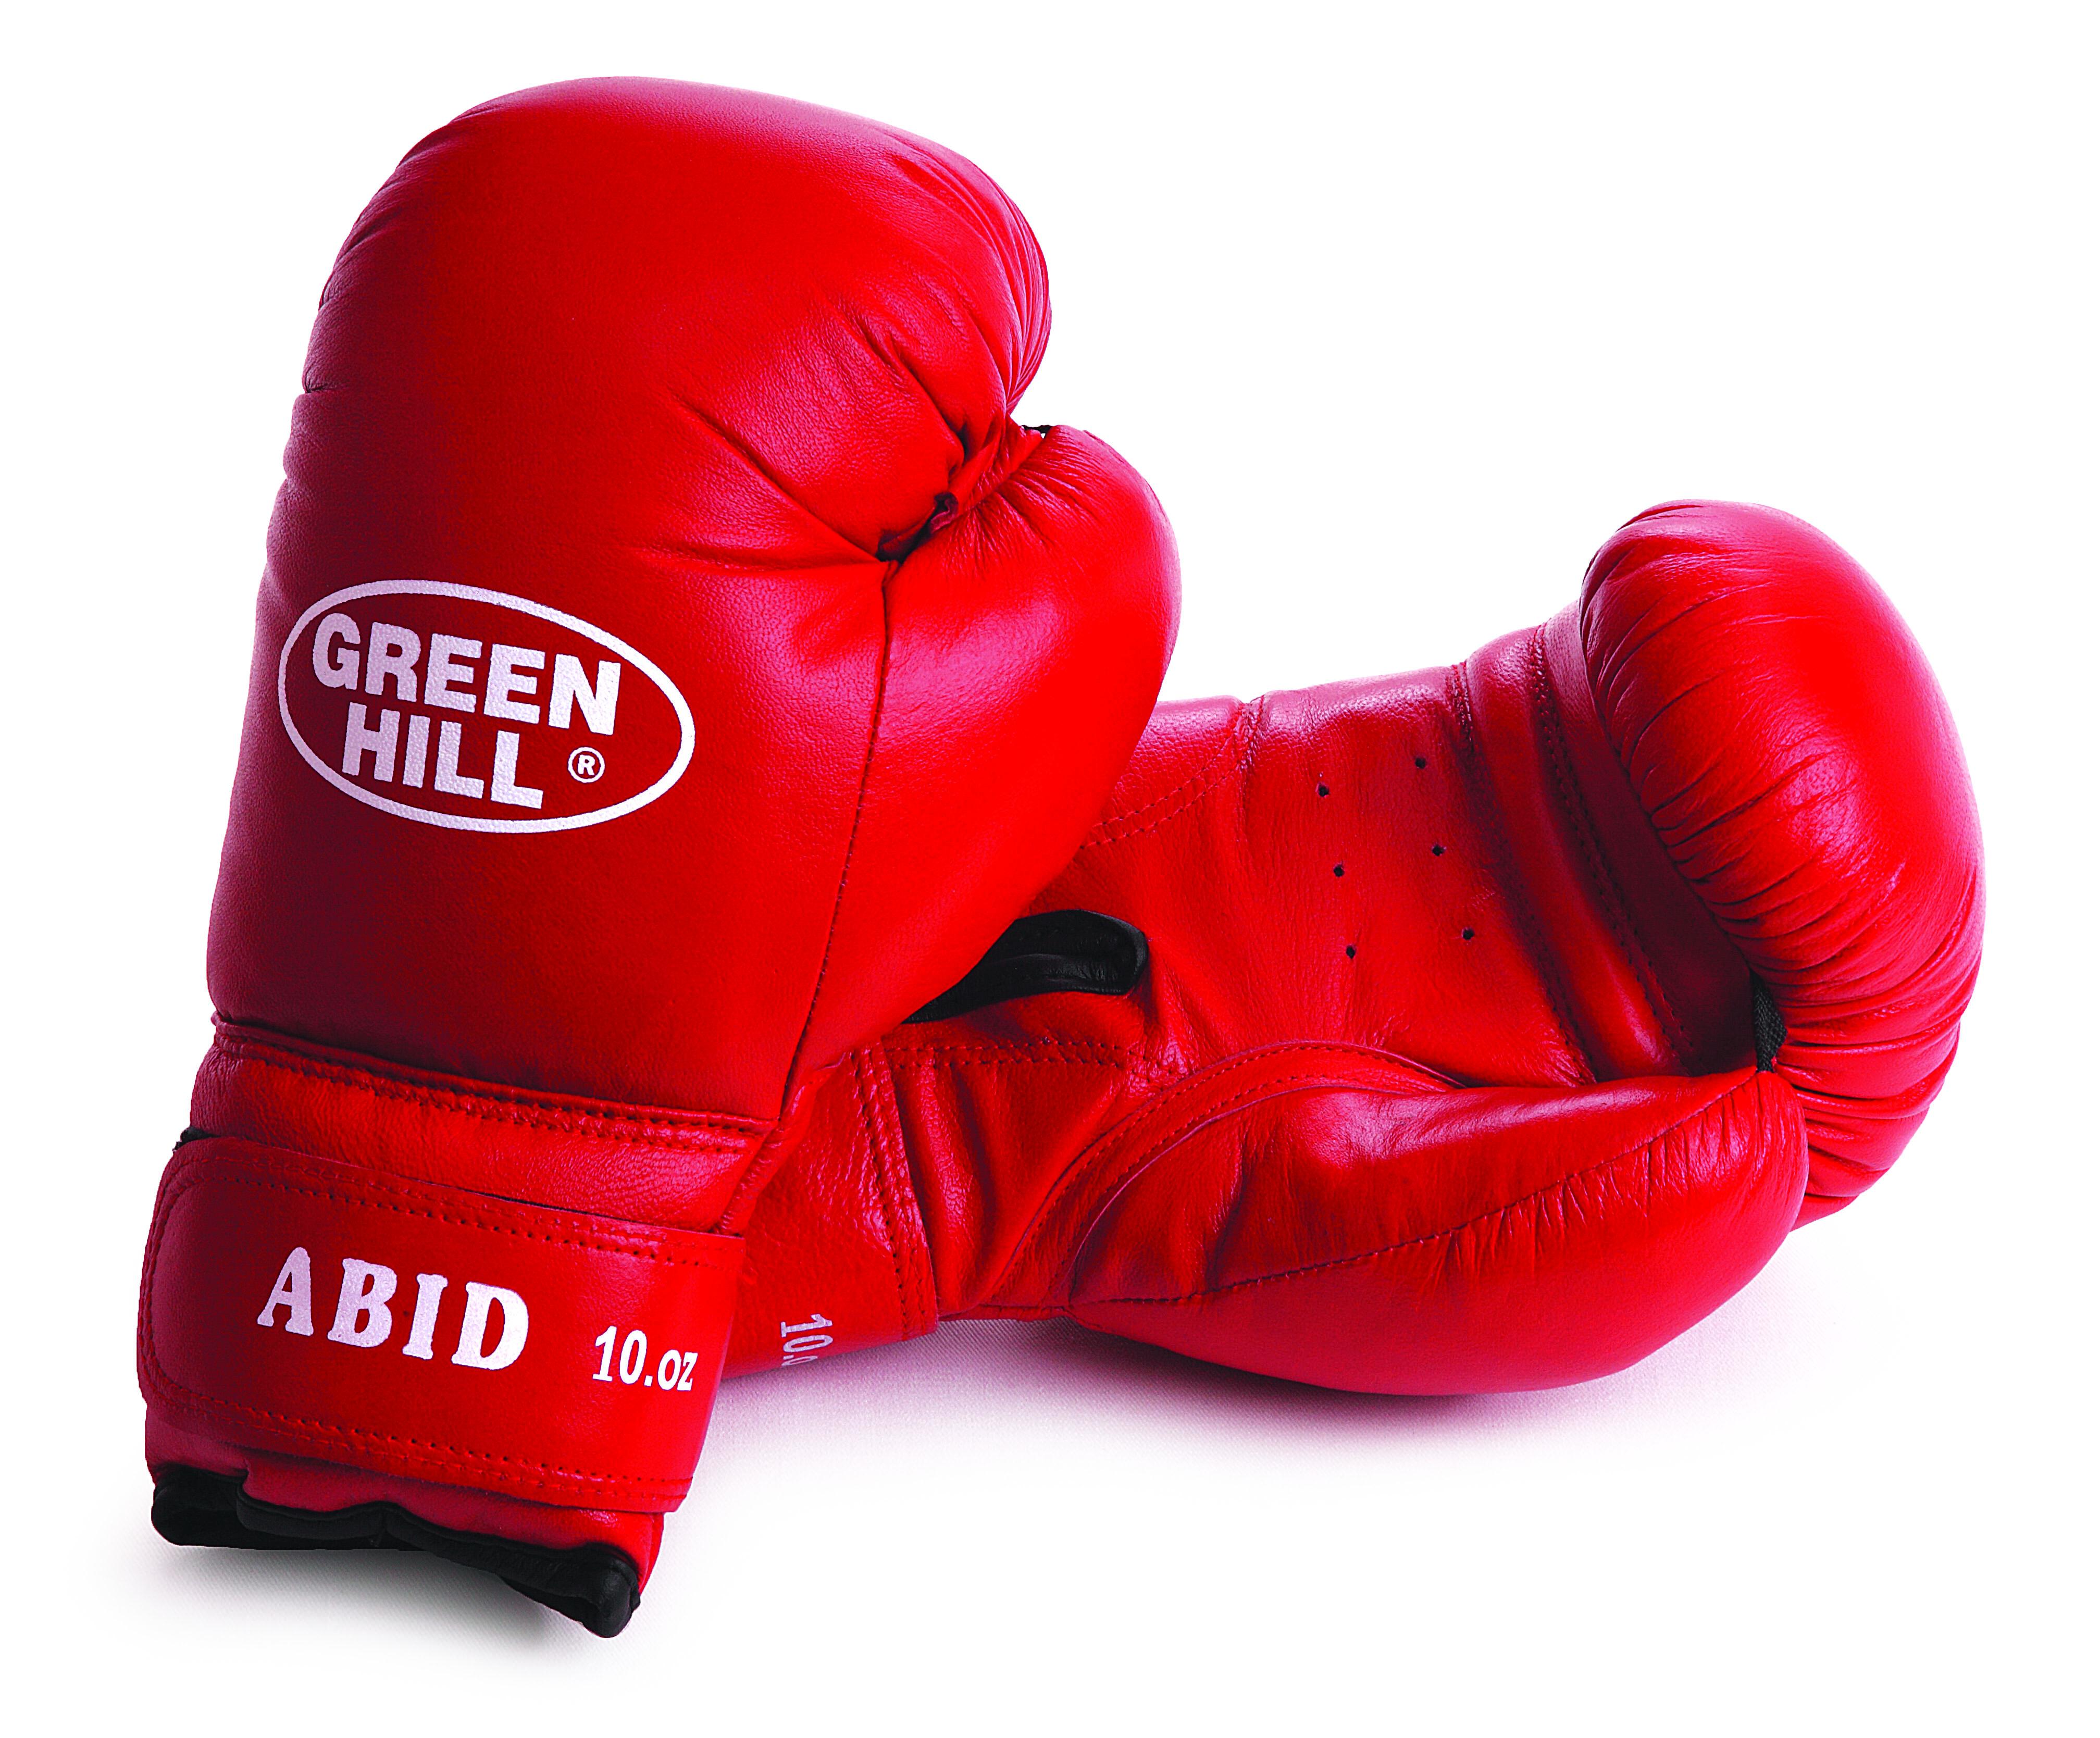 Green Hill Перчатки боксерские Abid, размер 12 oz